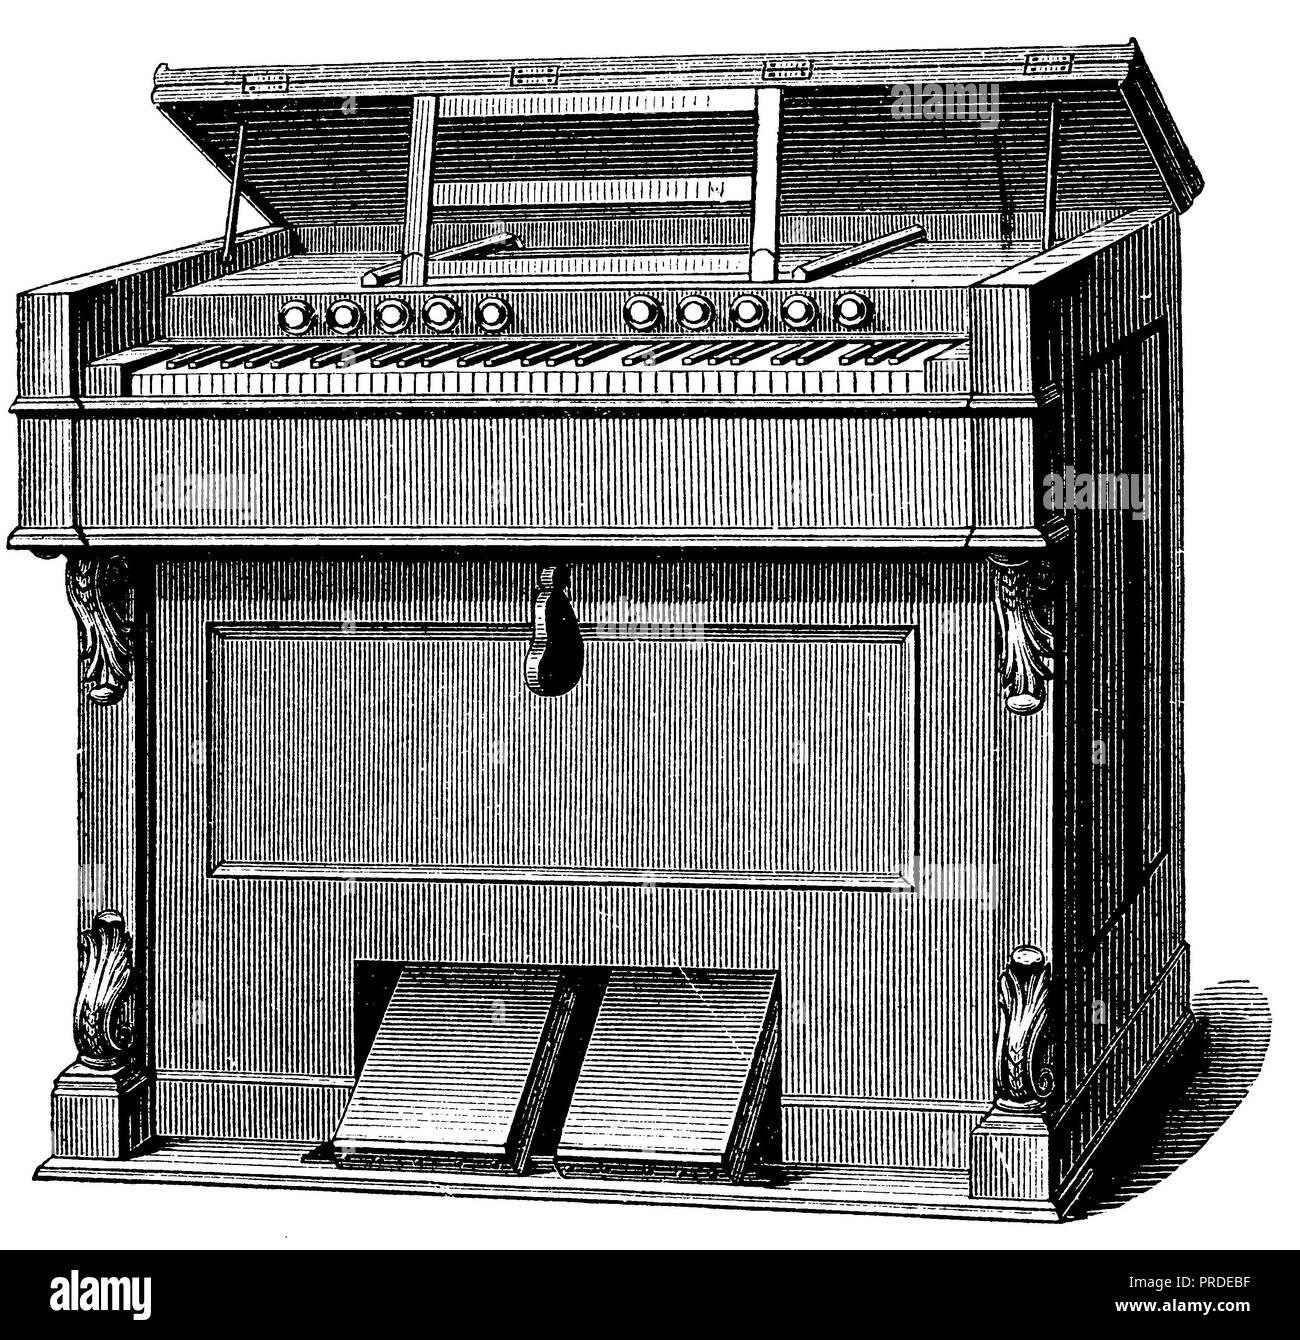 harmonium, anonym  1890 - Stock Image